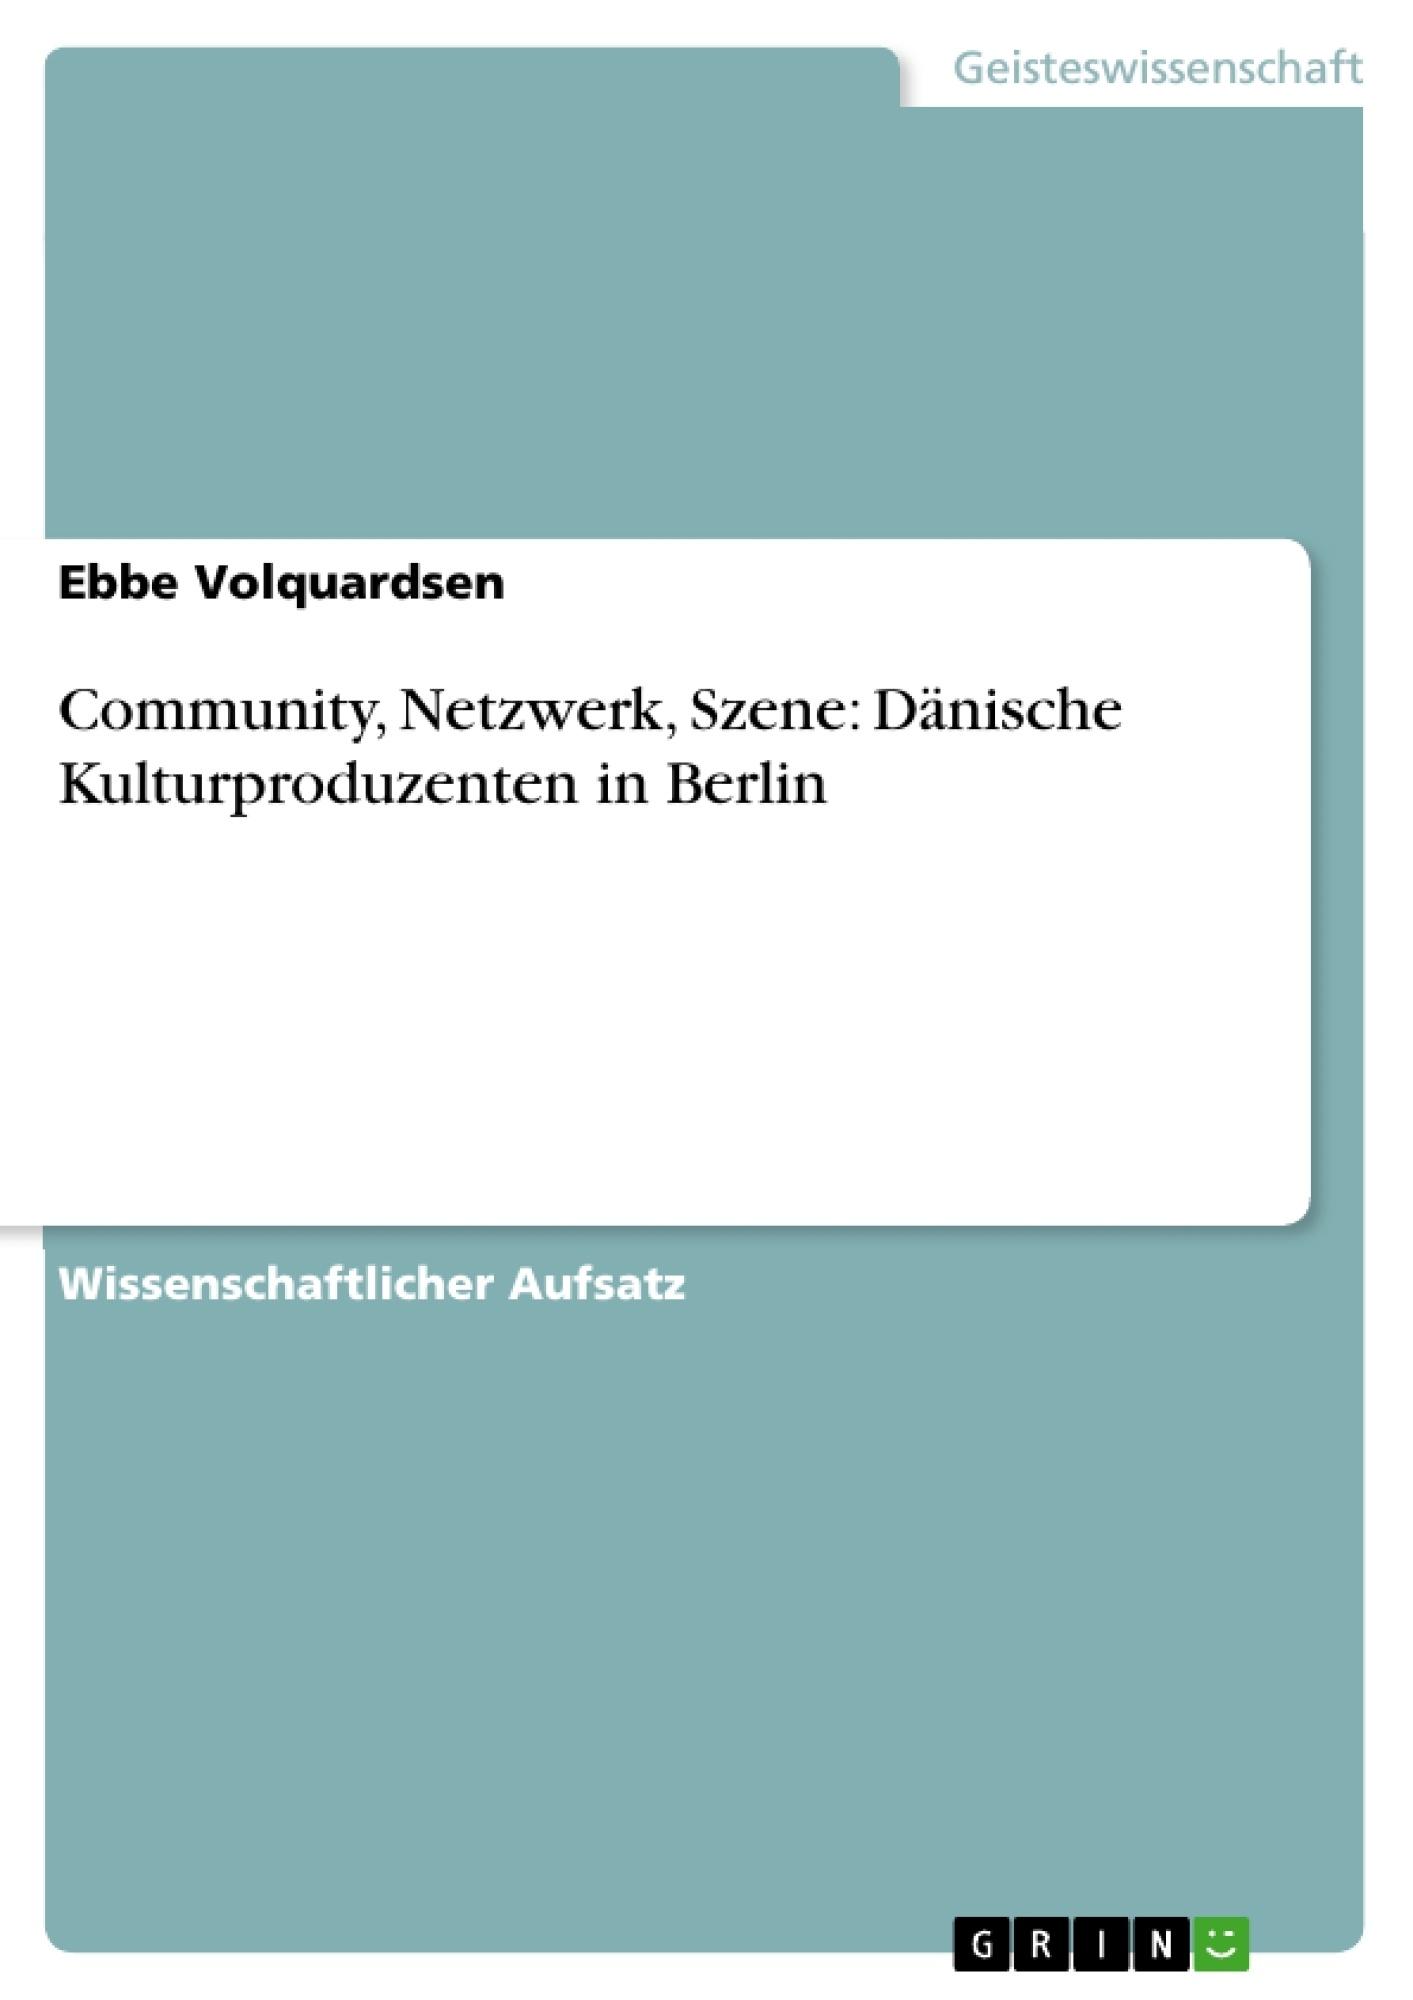 Titel: Community, Netzwerk, Szene: Dänische Kulturproduzenten in Berlin